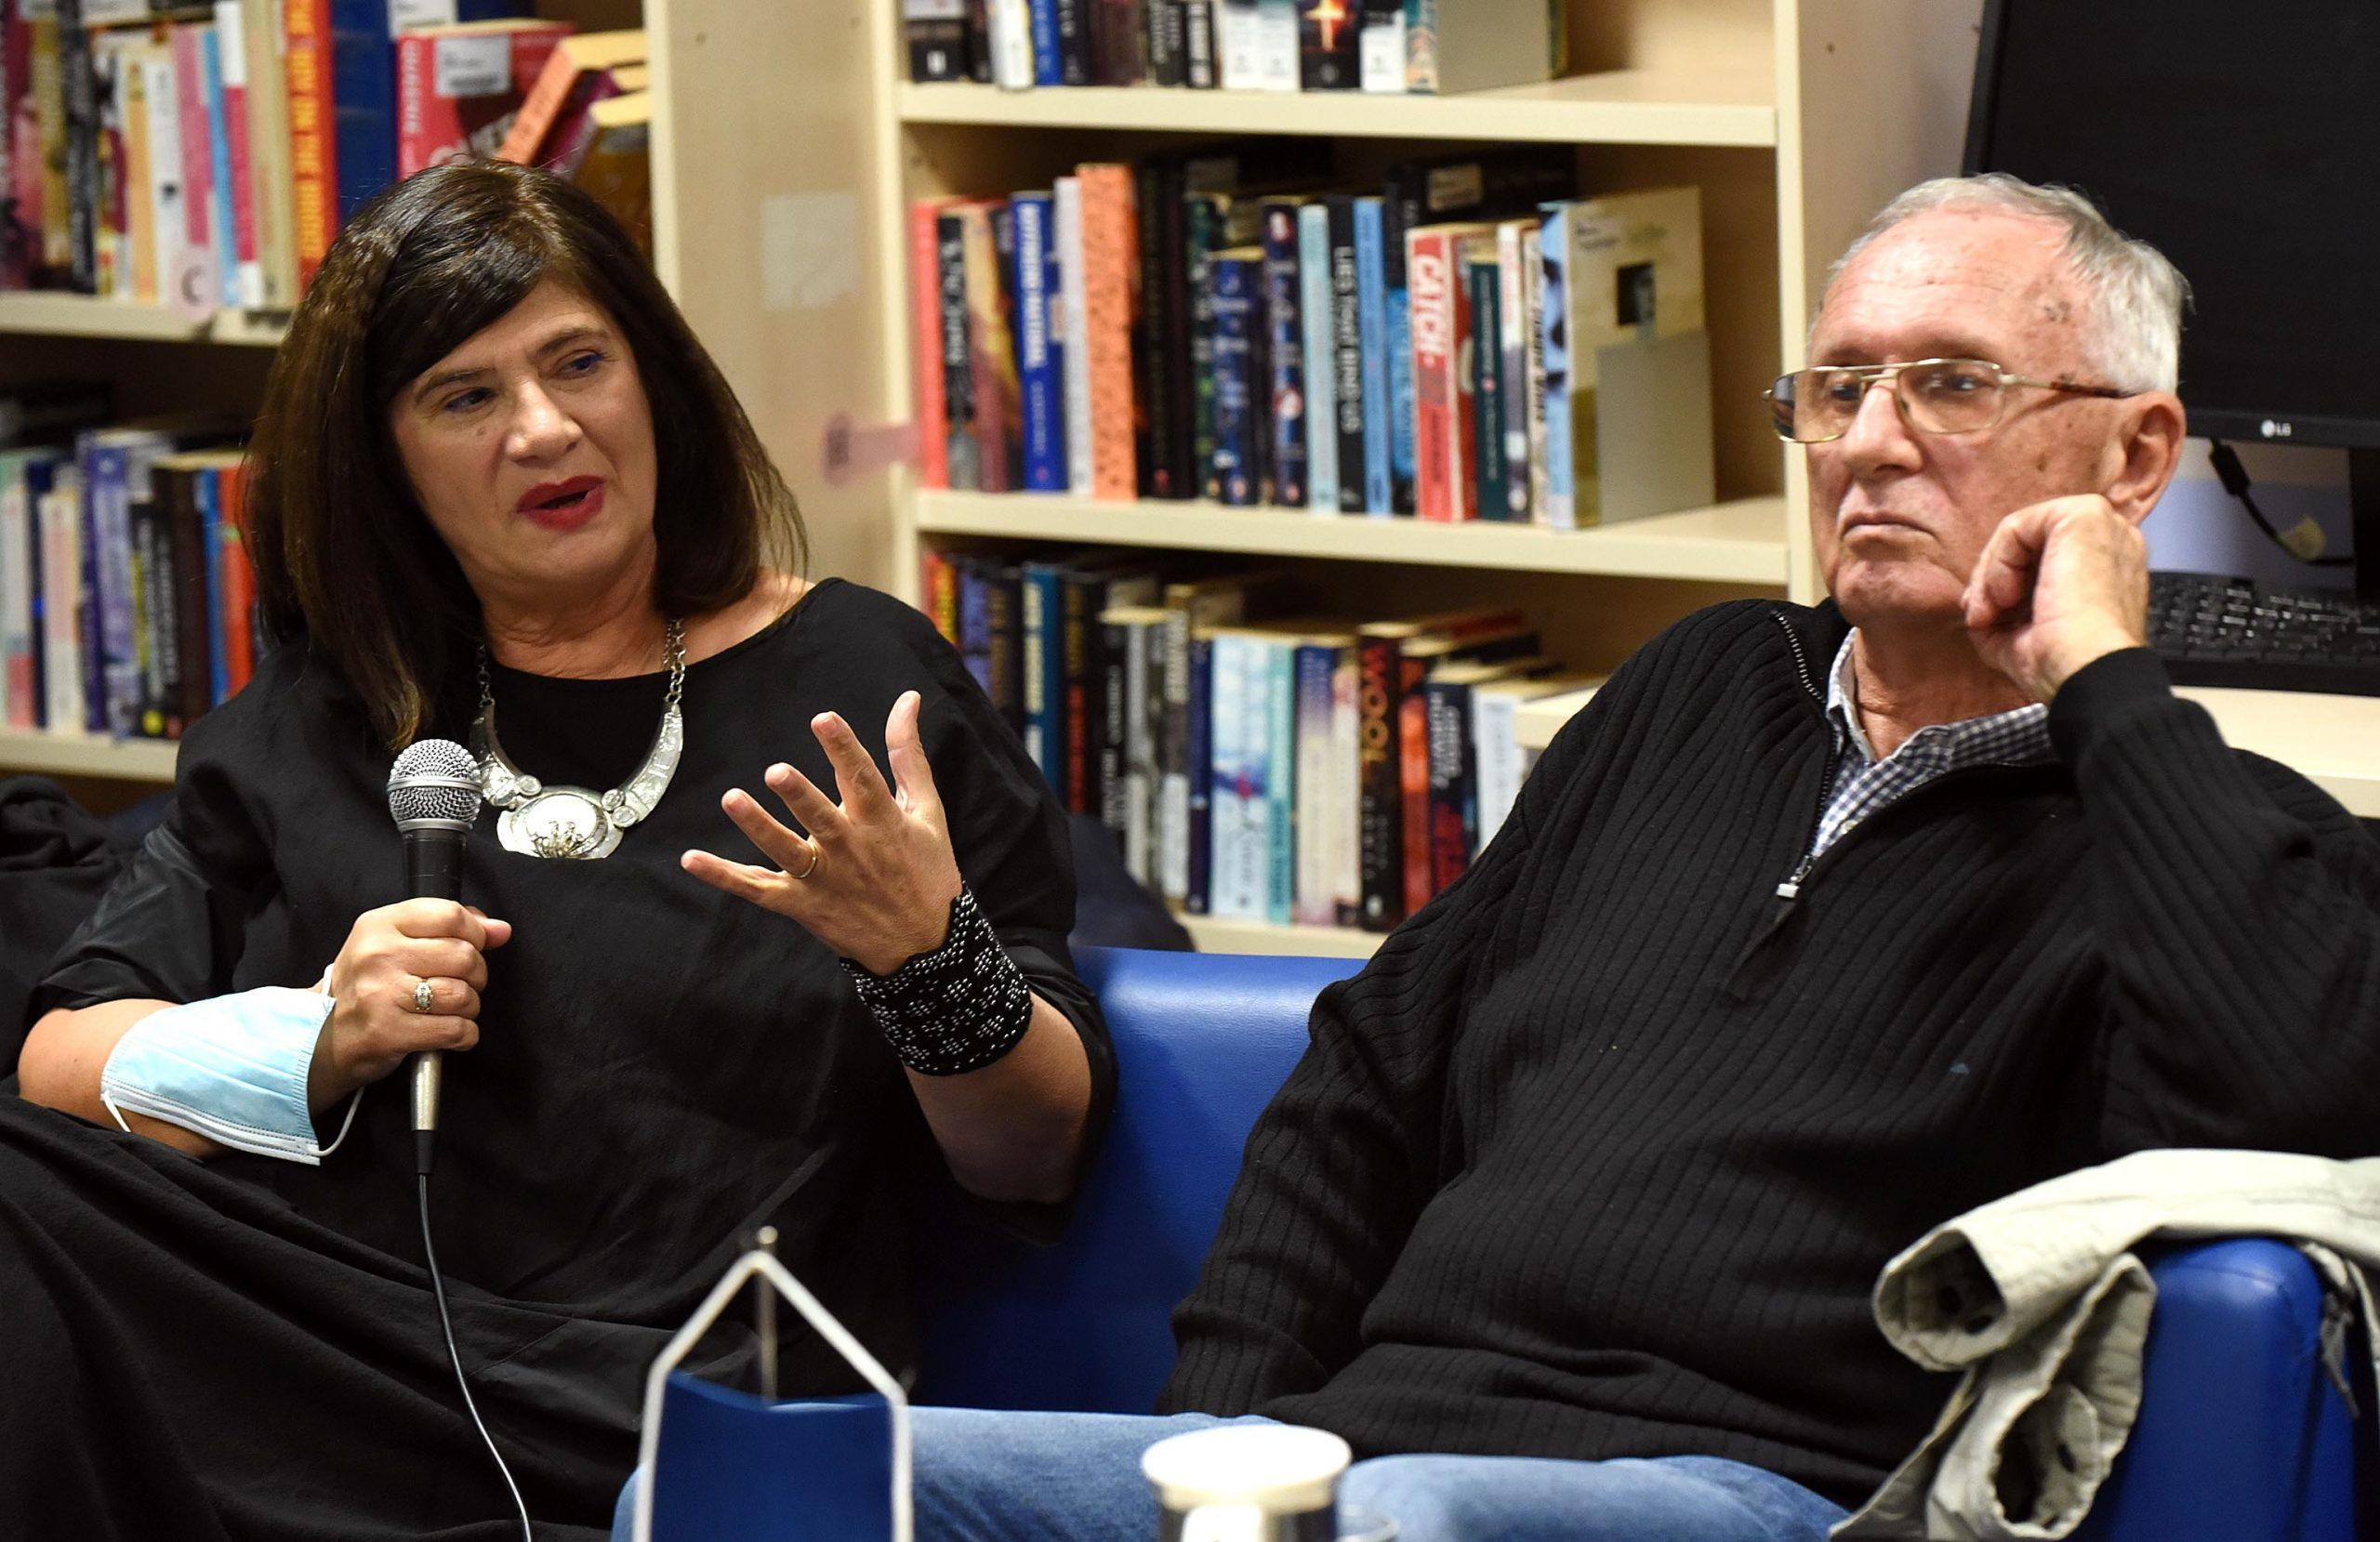 Julijana Matanović i Pavao Pavličić / Foto Marko Gracin